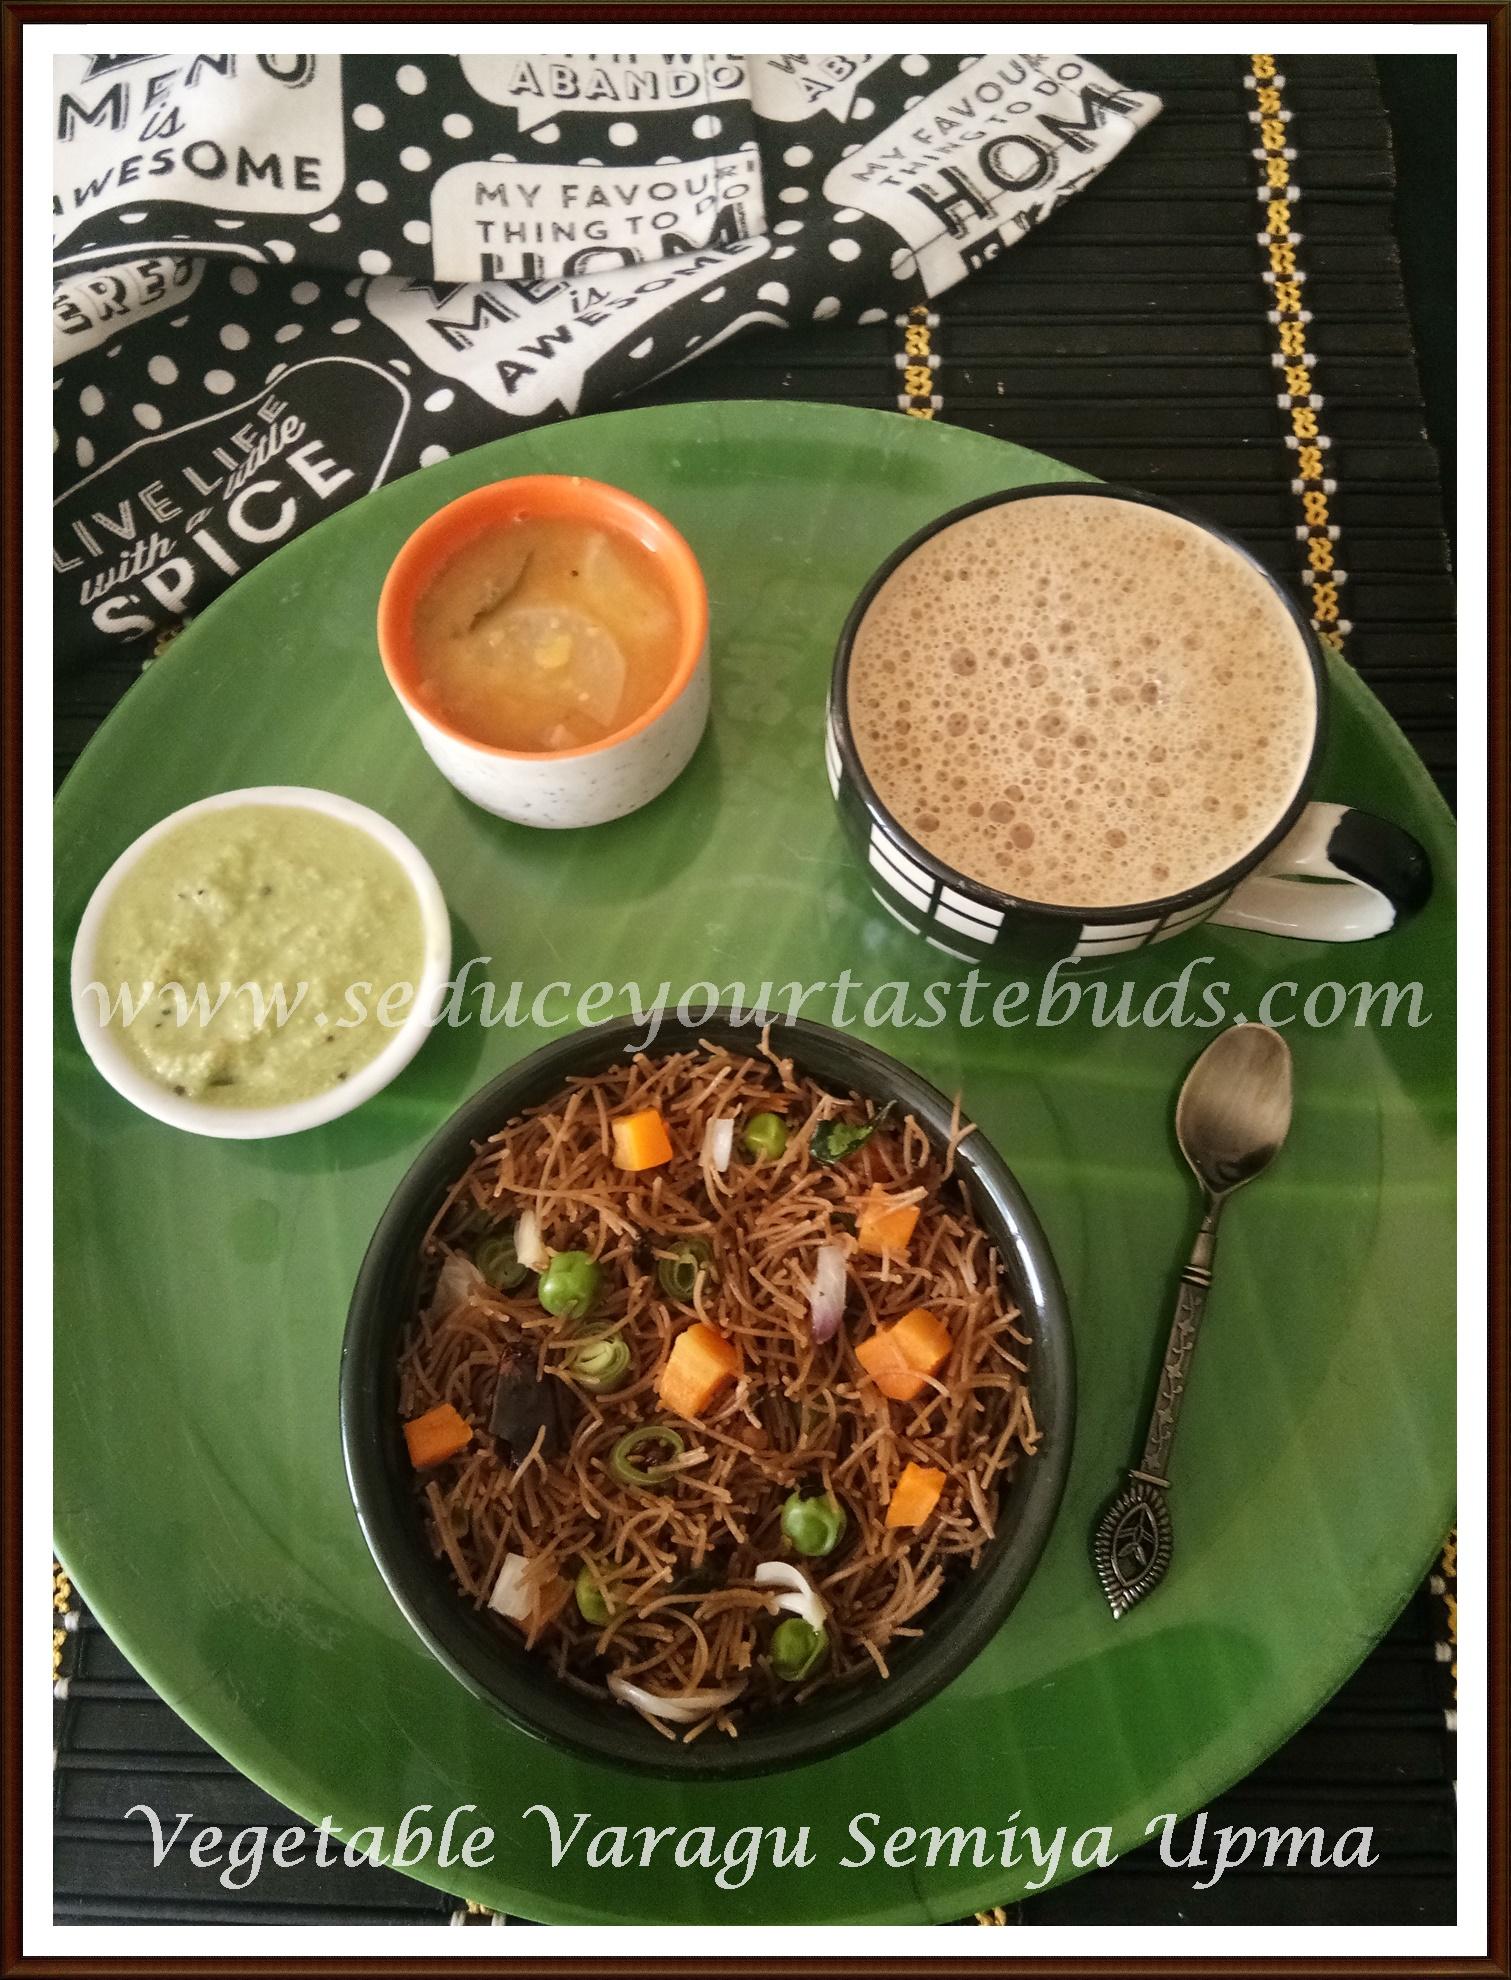 Vegetable Varagu Semiya Upma Recipe Seduce Your Tastebuds